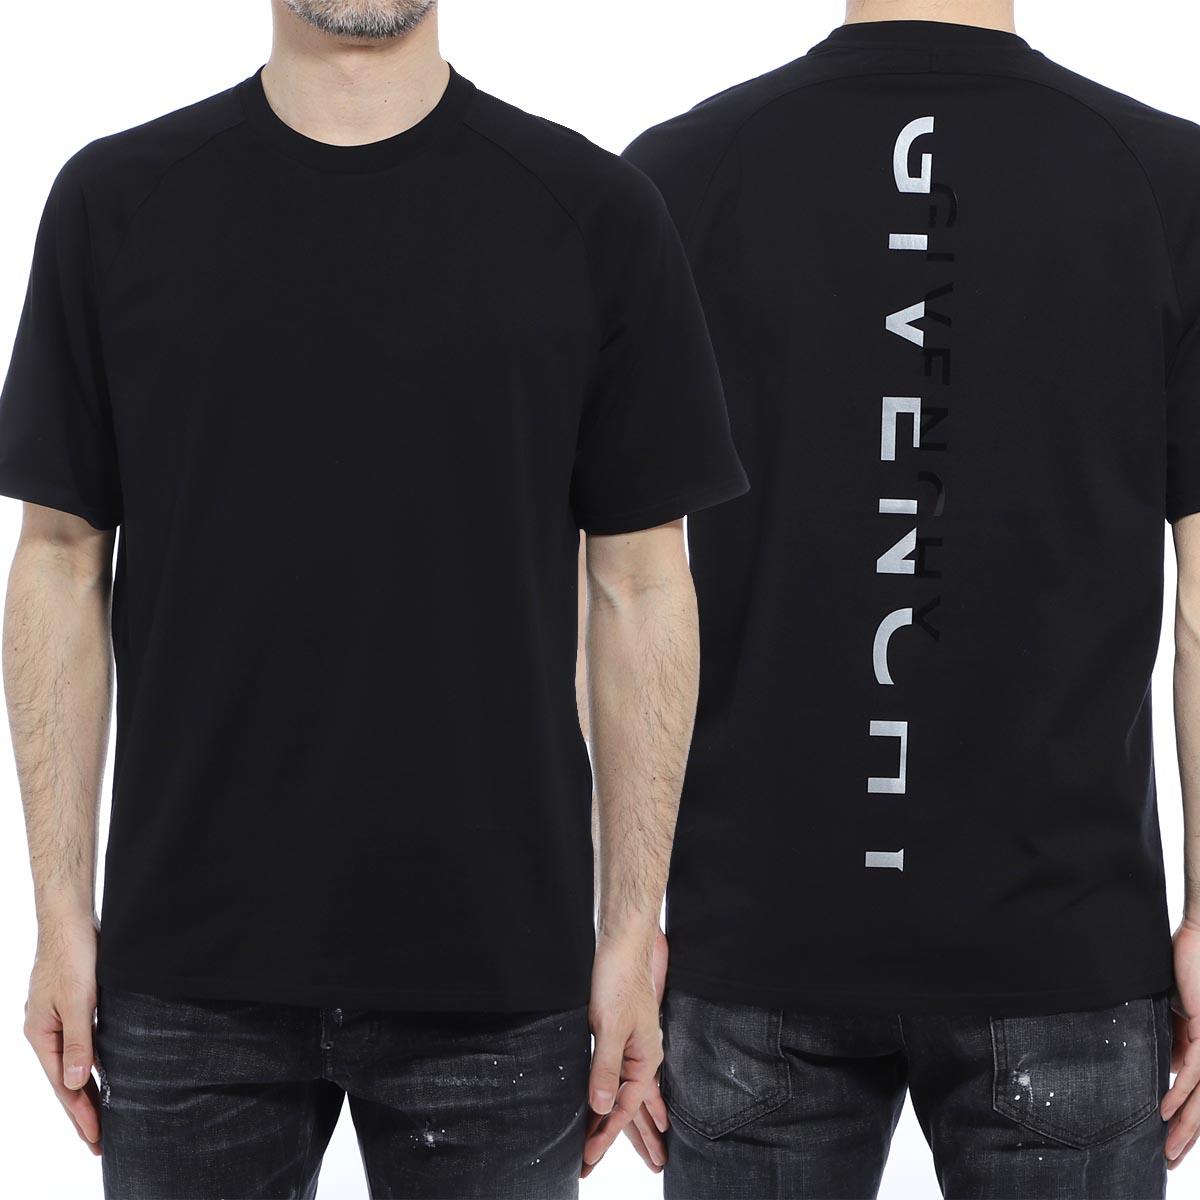 ジバンシー GIVENCHY クルーネックTシャツ ブラック メンズ bm70ue3002 001 SPLIT PRINT SLIM FIT T-SHIRT【あす楽対応_関東】【返品送料無料】【ラッピング無料】